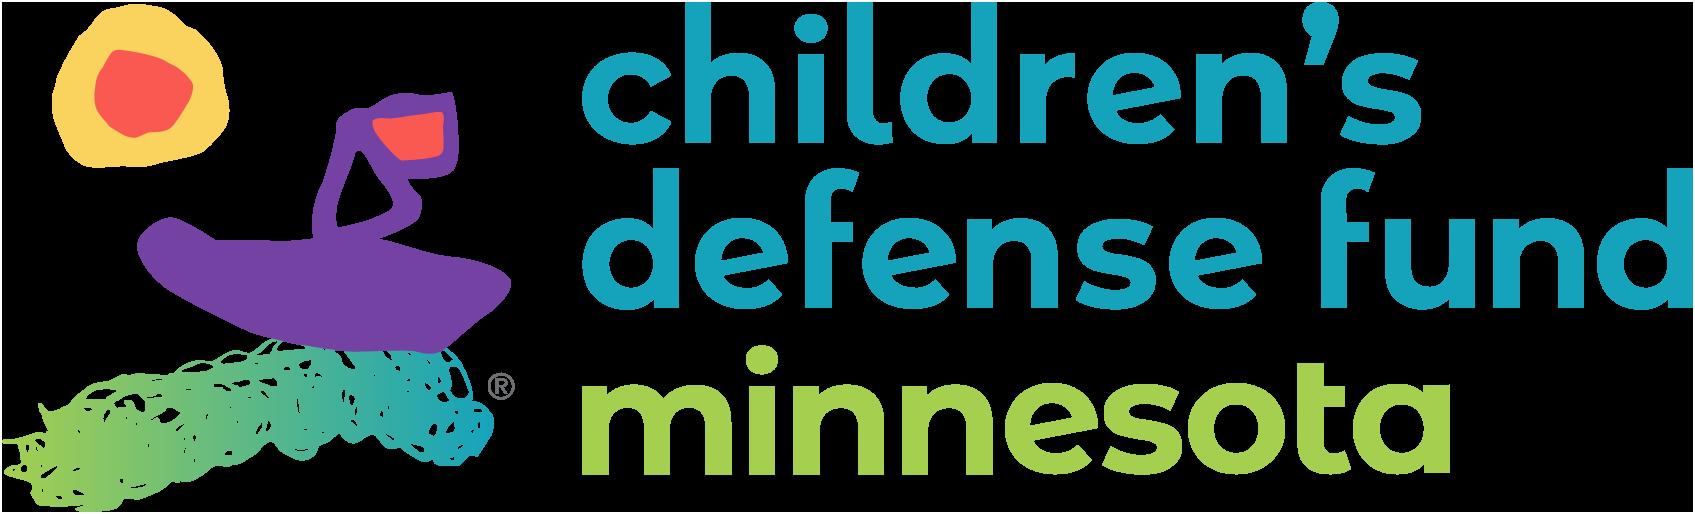 Children's defense fund MN Logo